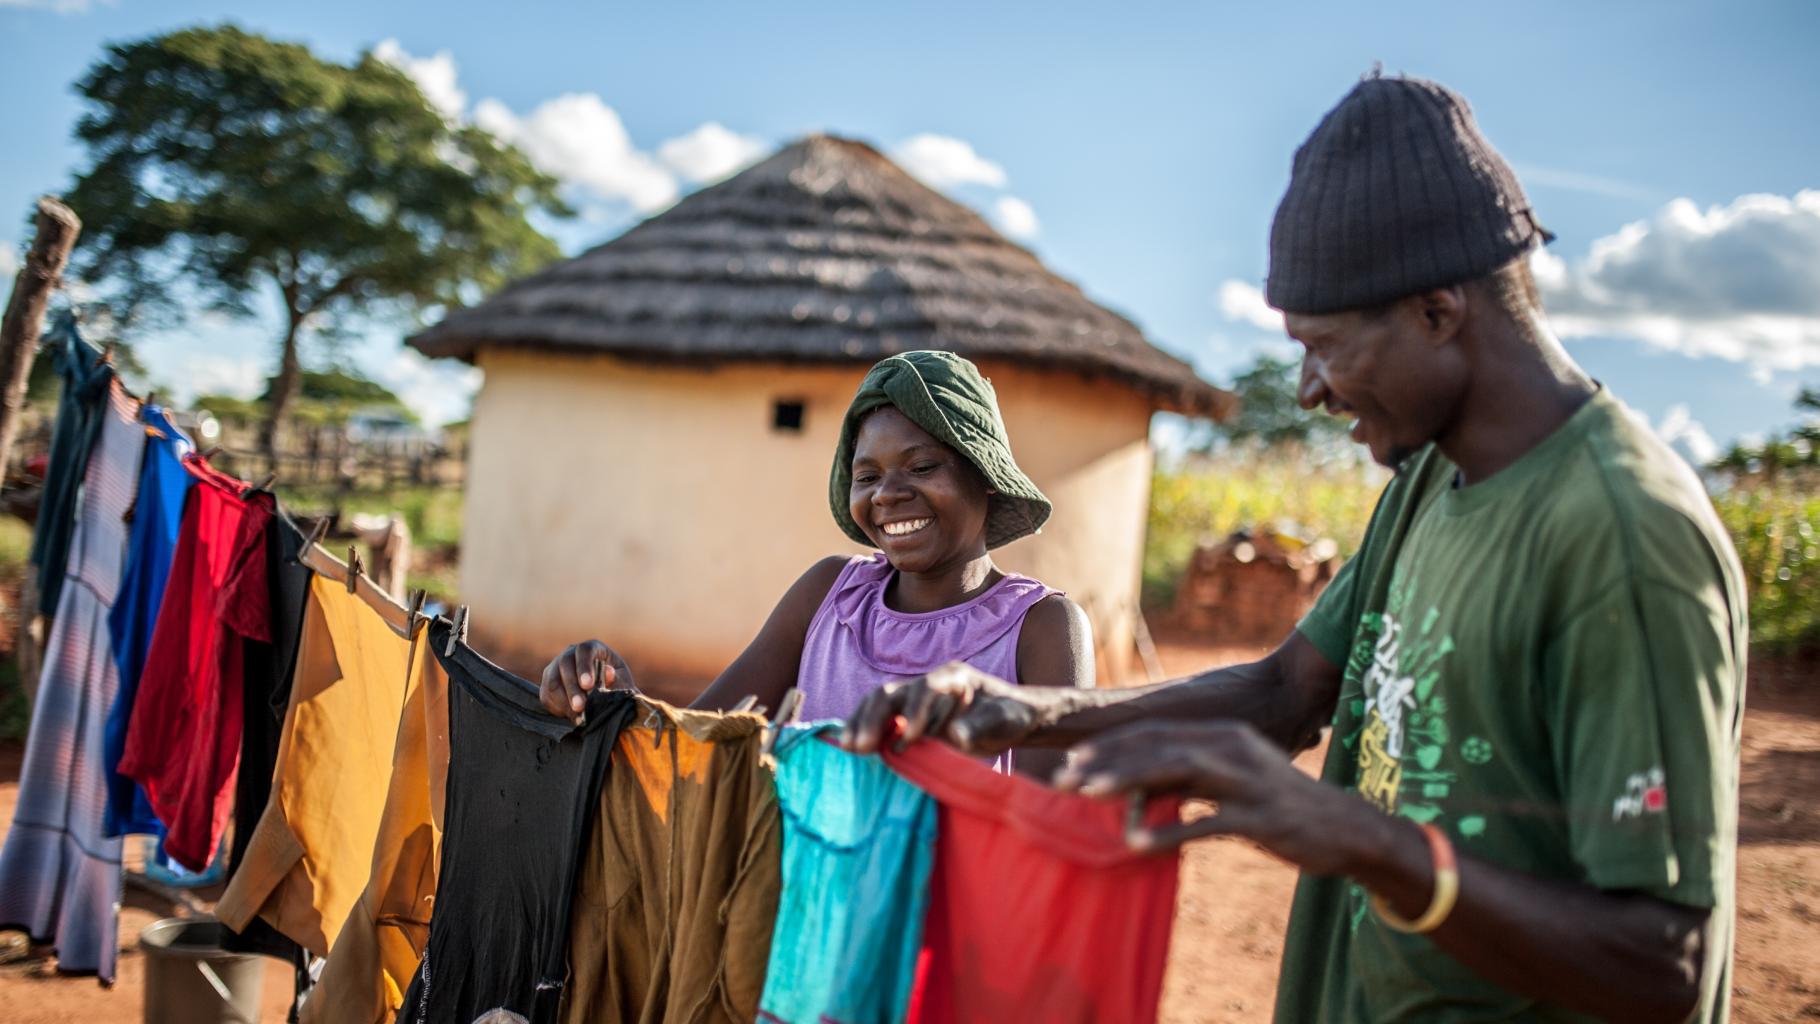 Eine Frau und ein Mann hängen Wäsche auf